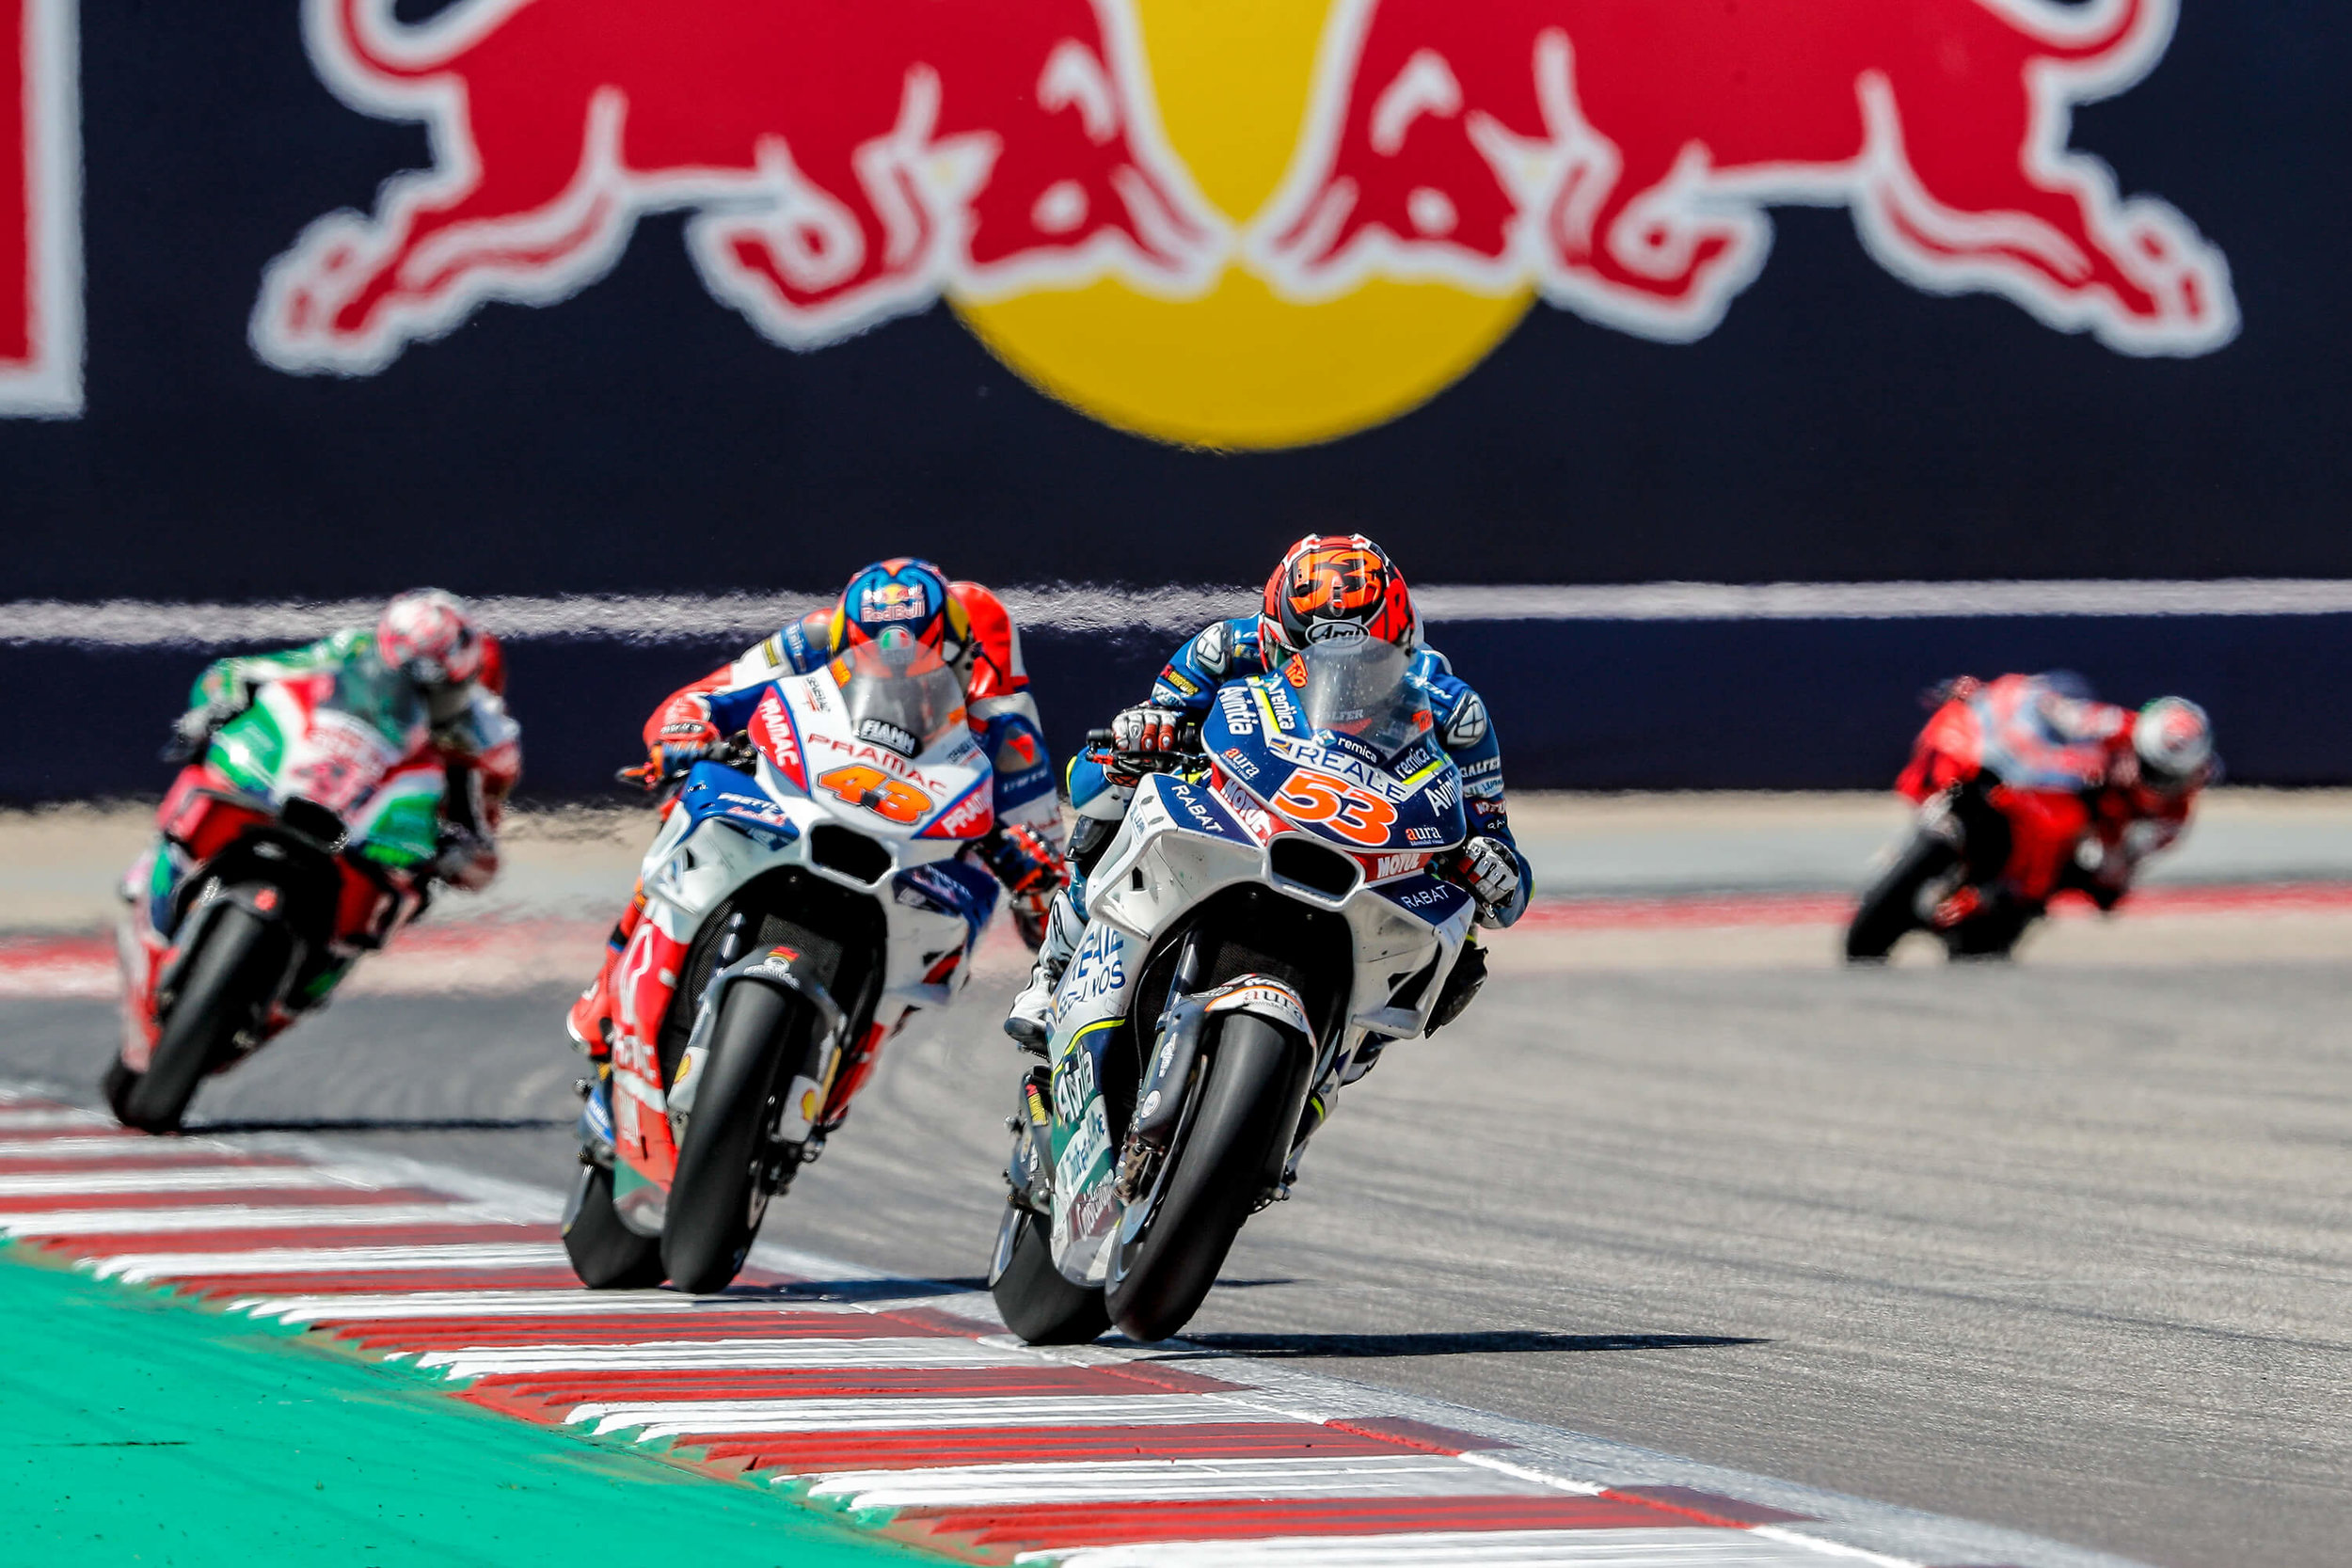 MotoGP_HeroImage.jpg